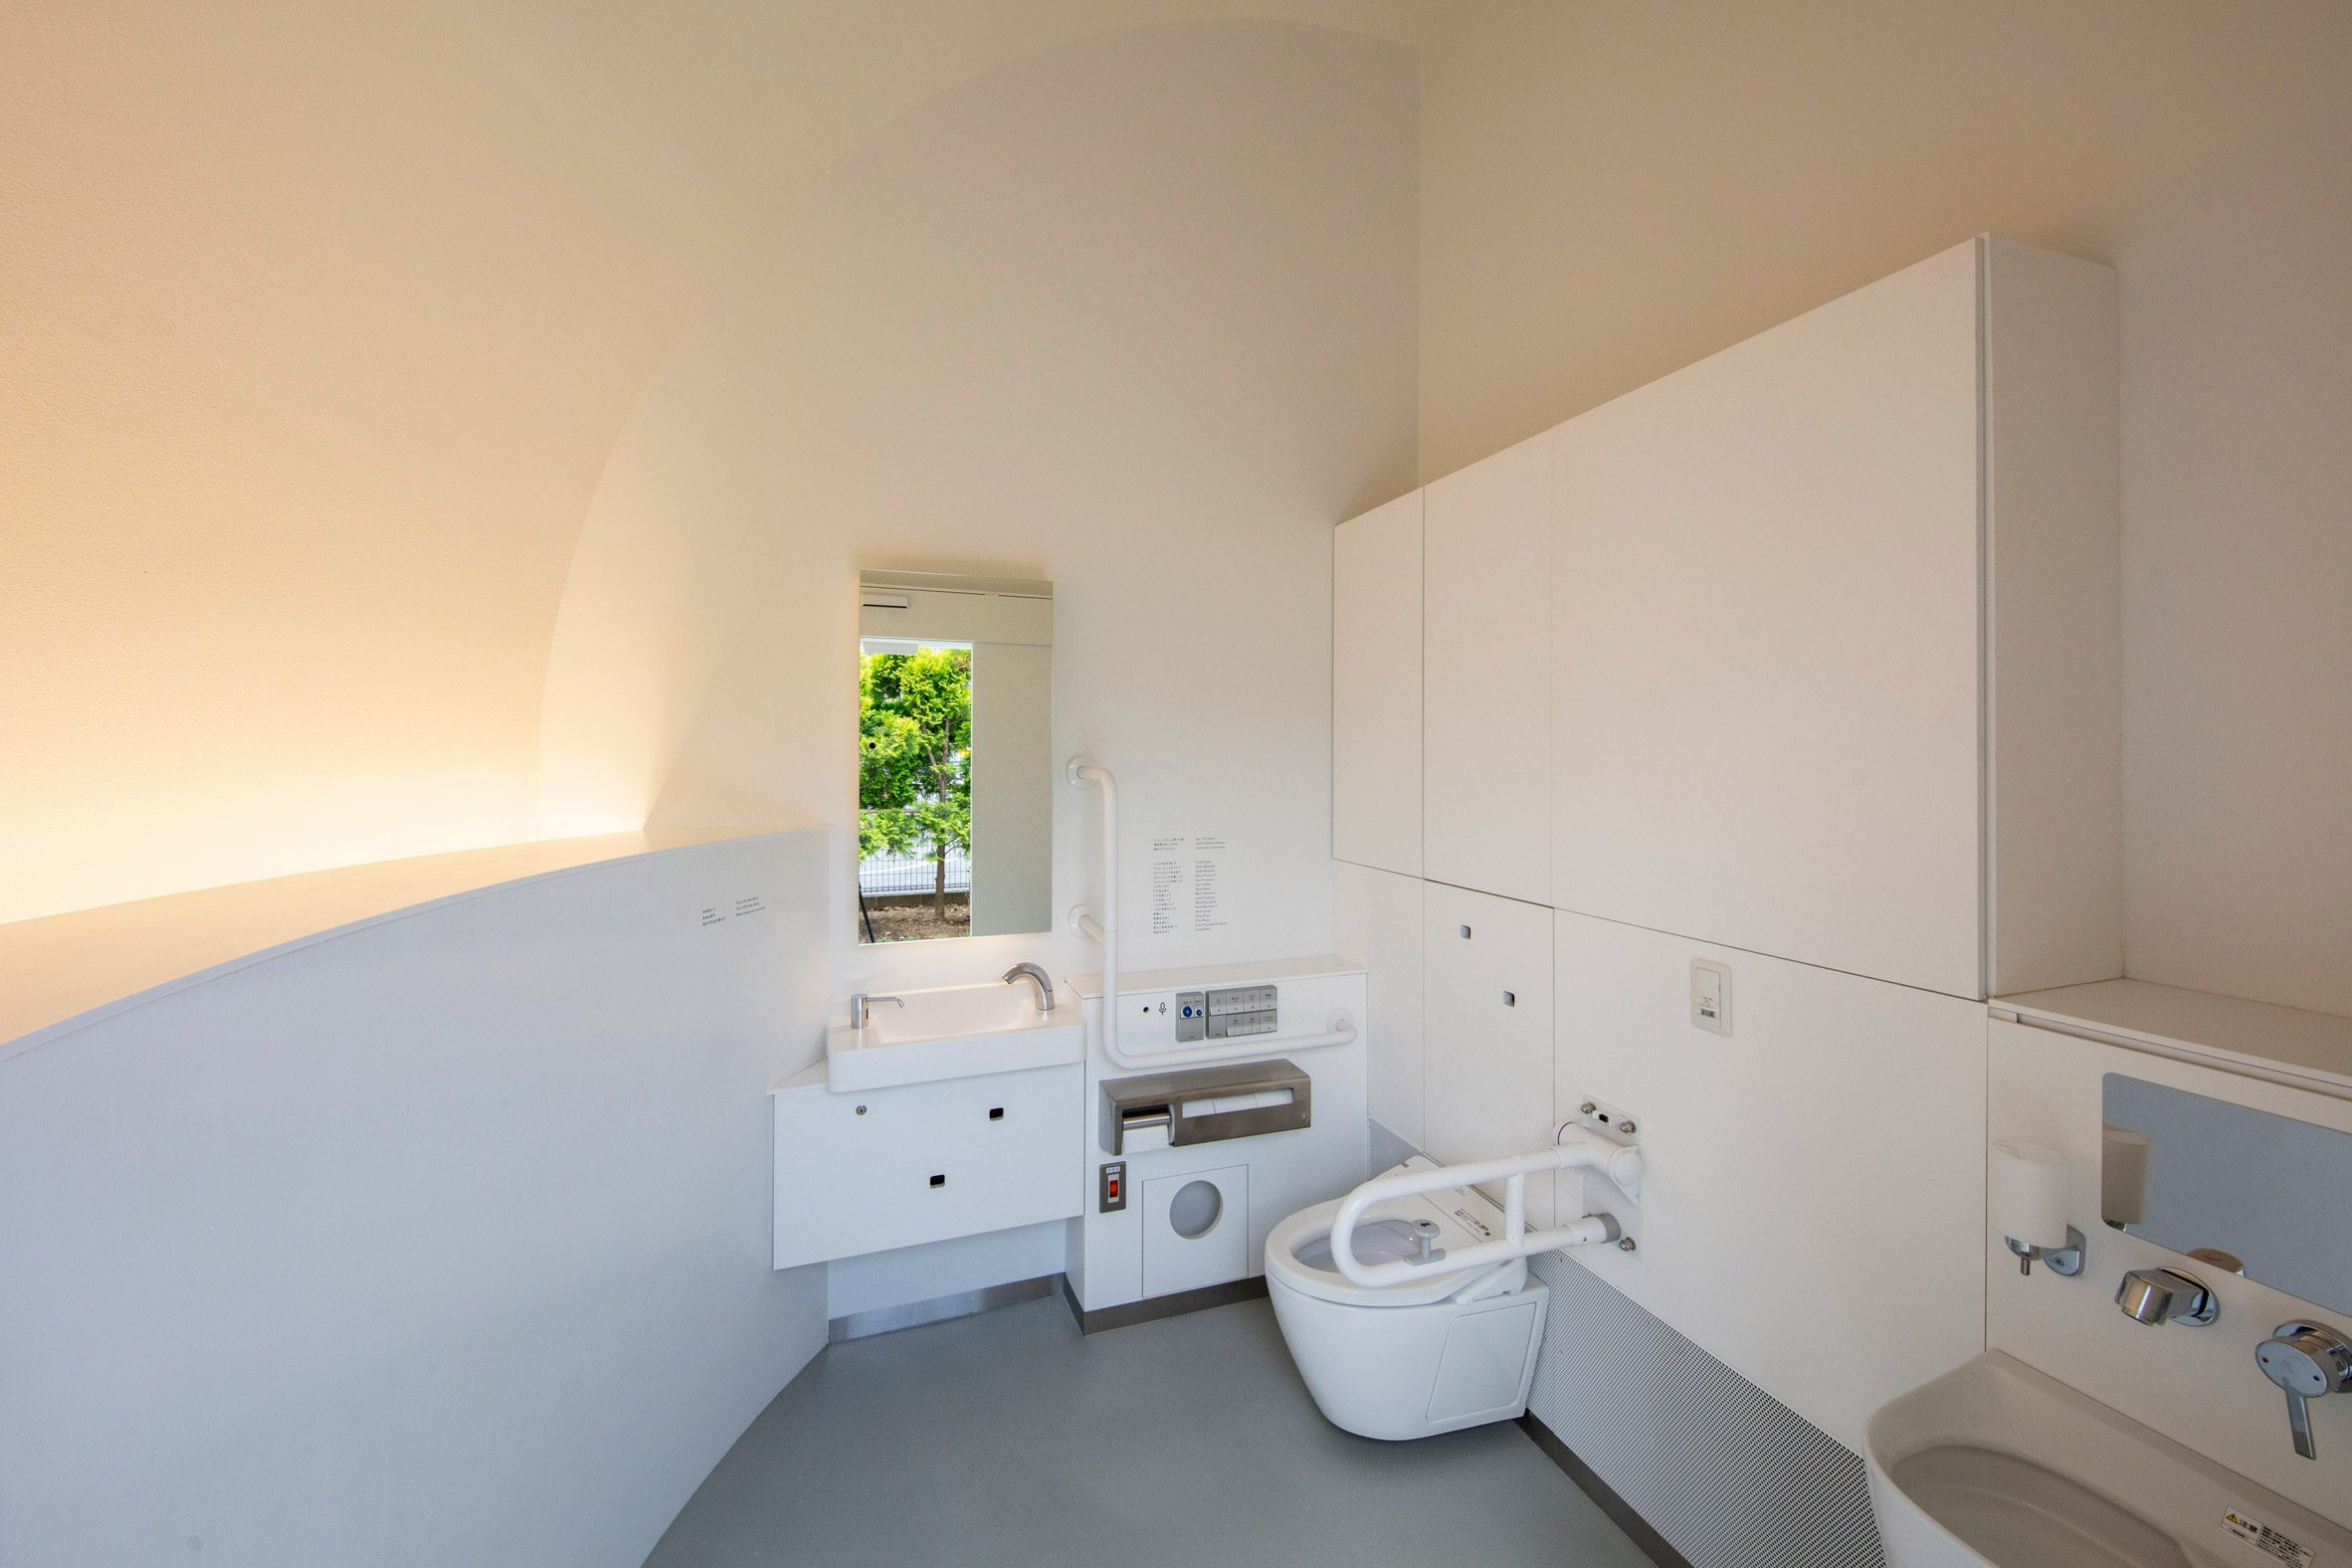 White public toilet in Tokyo